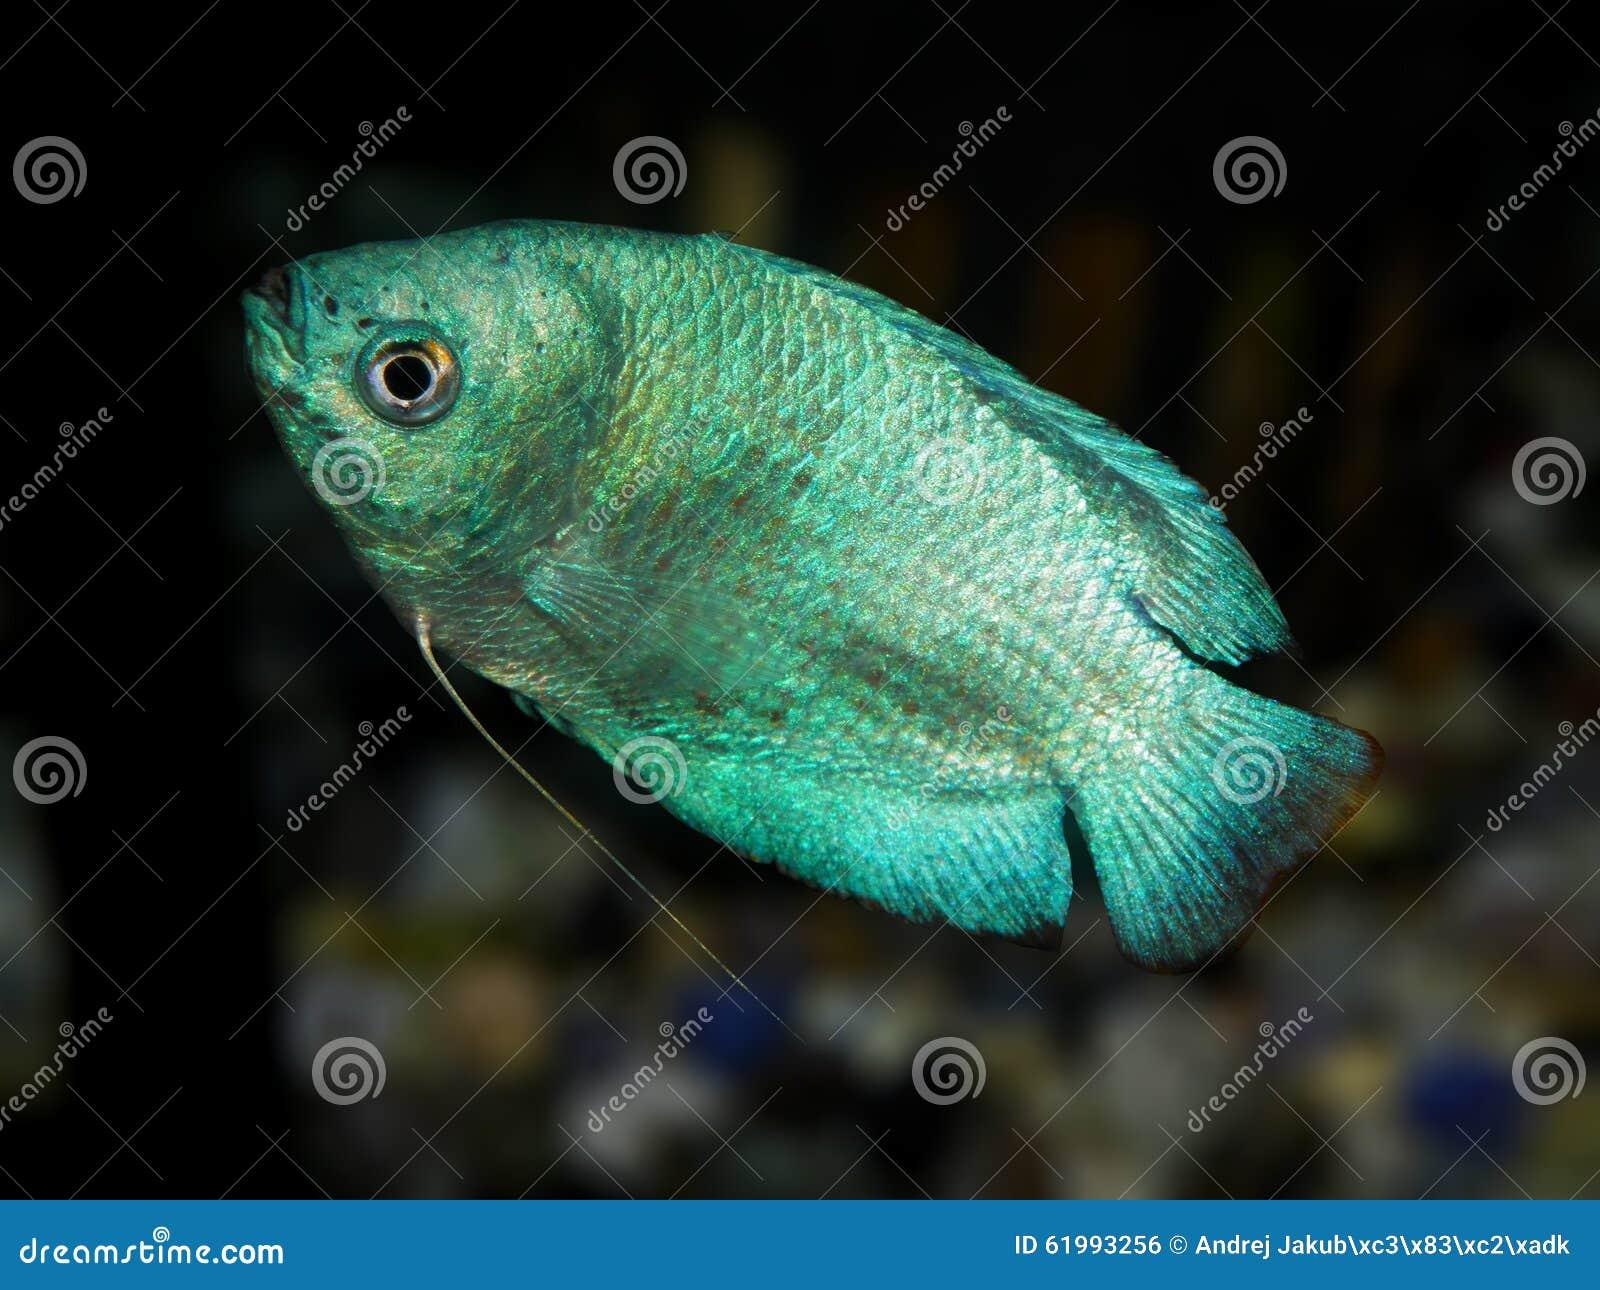 Freshwater aquarium fish from asia - Aquarium Fish Anabantoidae Family